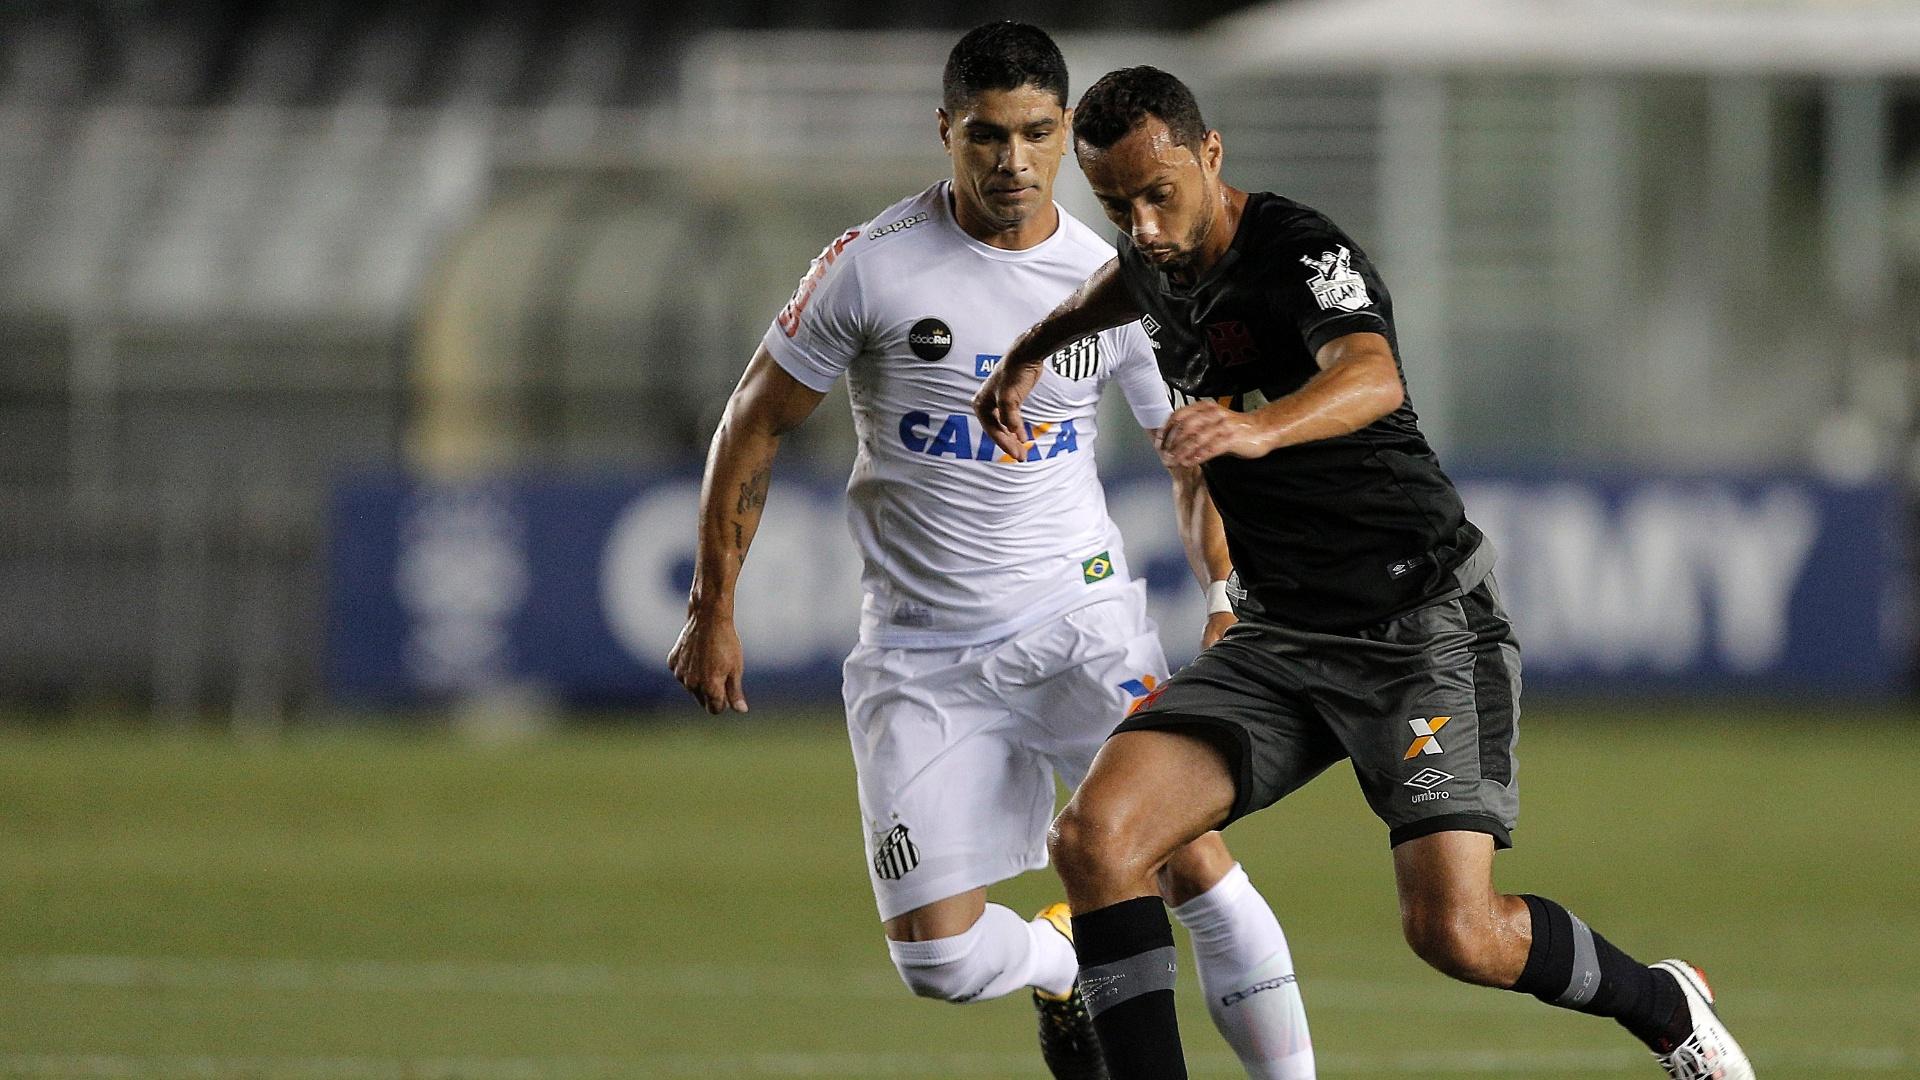 Renato e Nenê disputam bola em Santos e Vasco pelo Campeonato Brasileiro